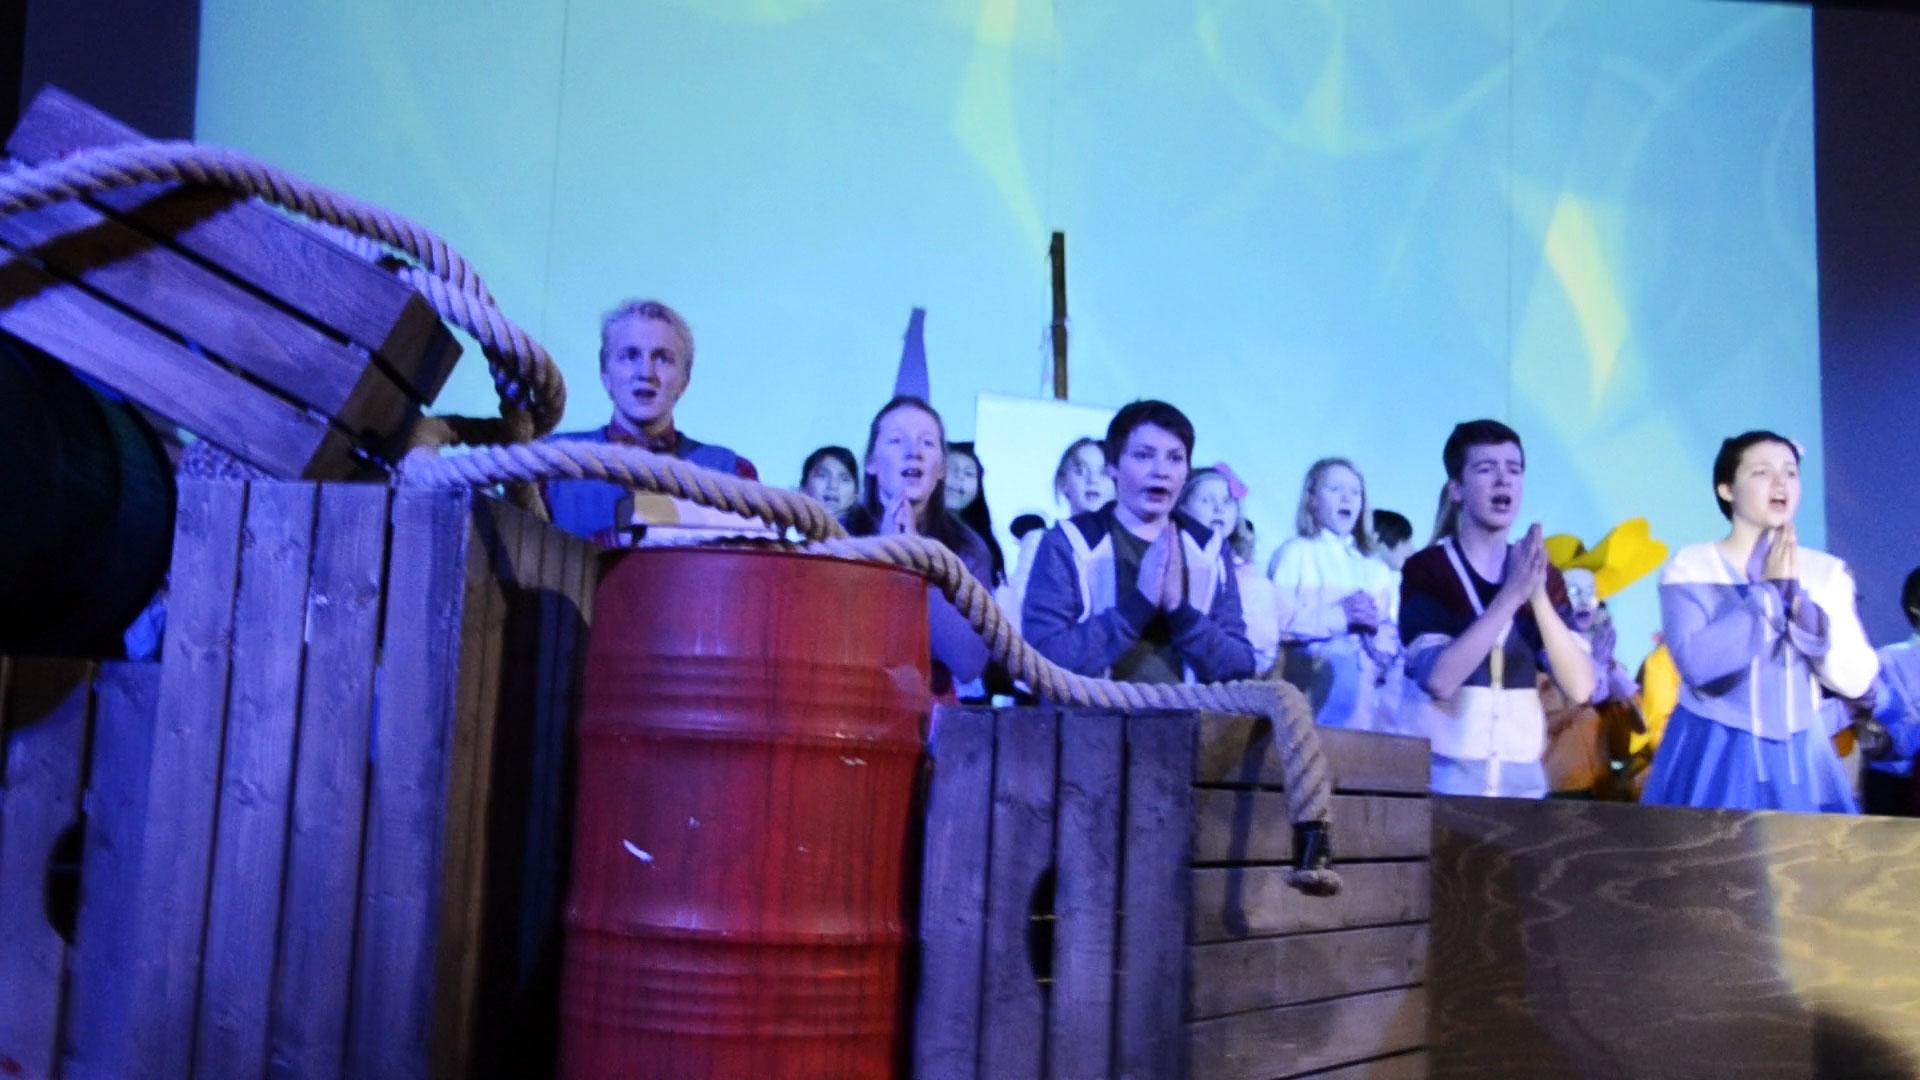 Videoprojektionen NOAH UND DIE FLUT | TfN Hildesheim